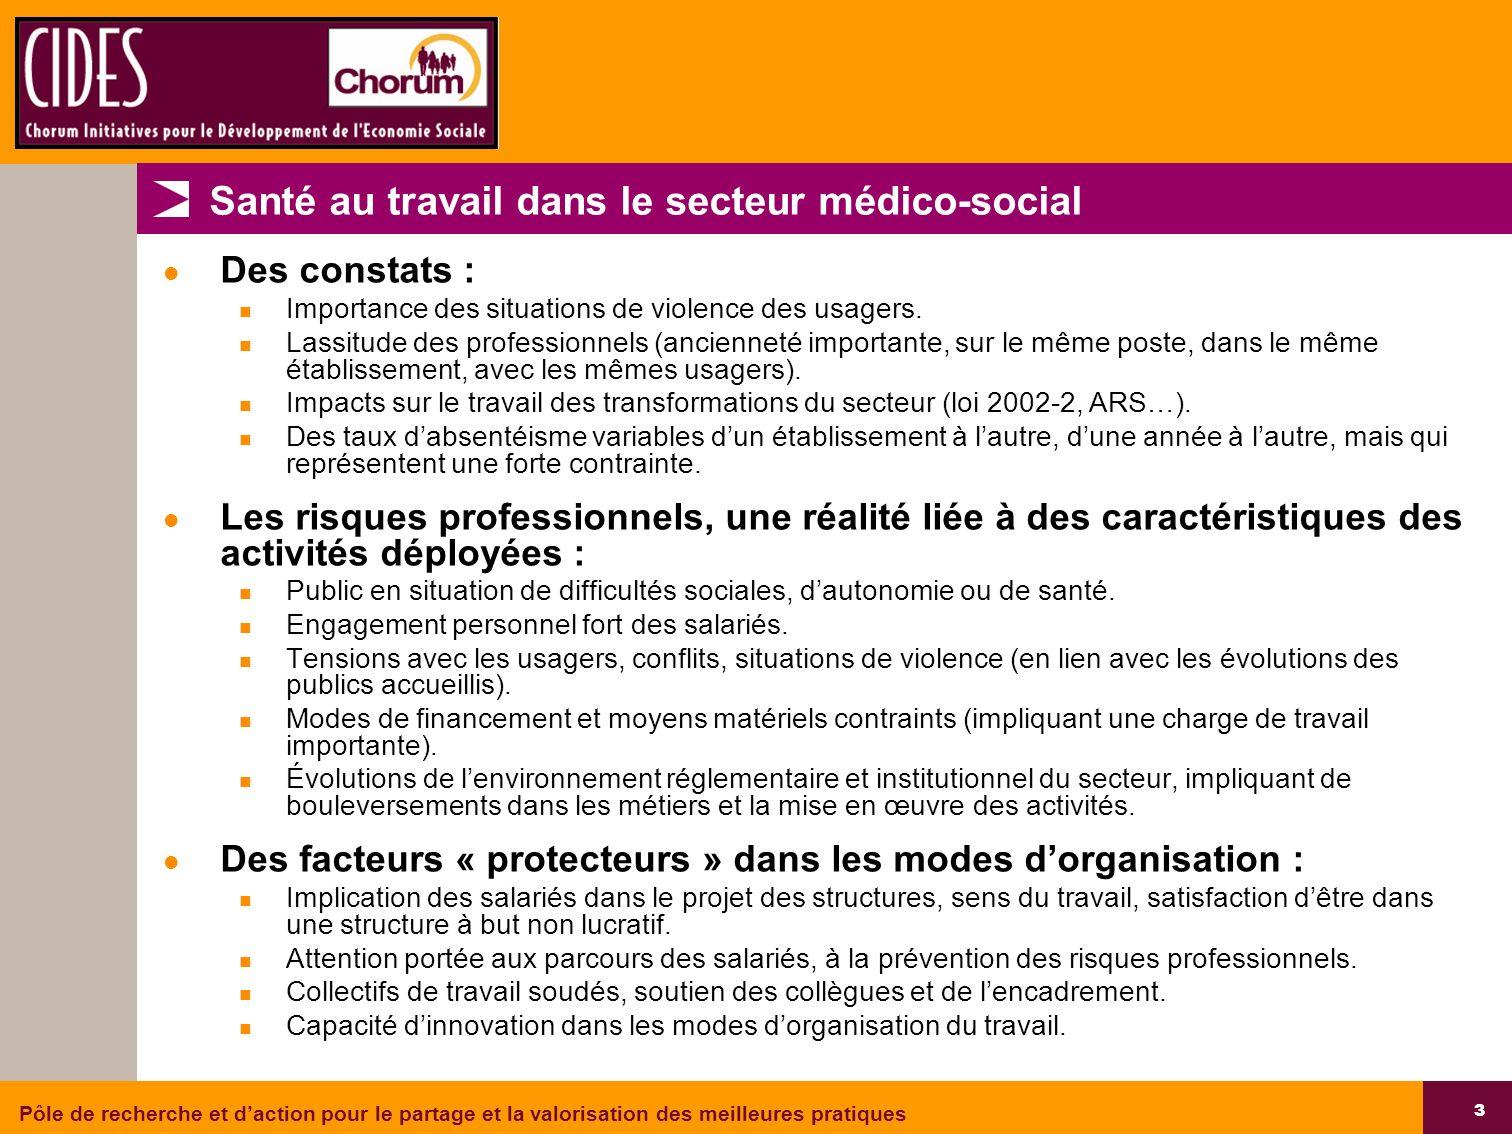 Santé au travail dans le secteur médico-social